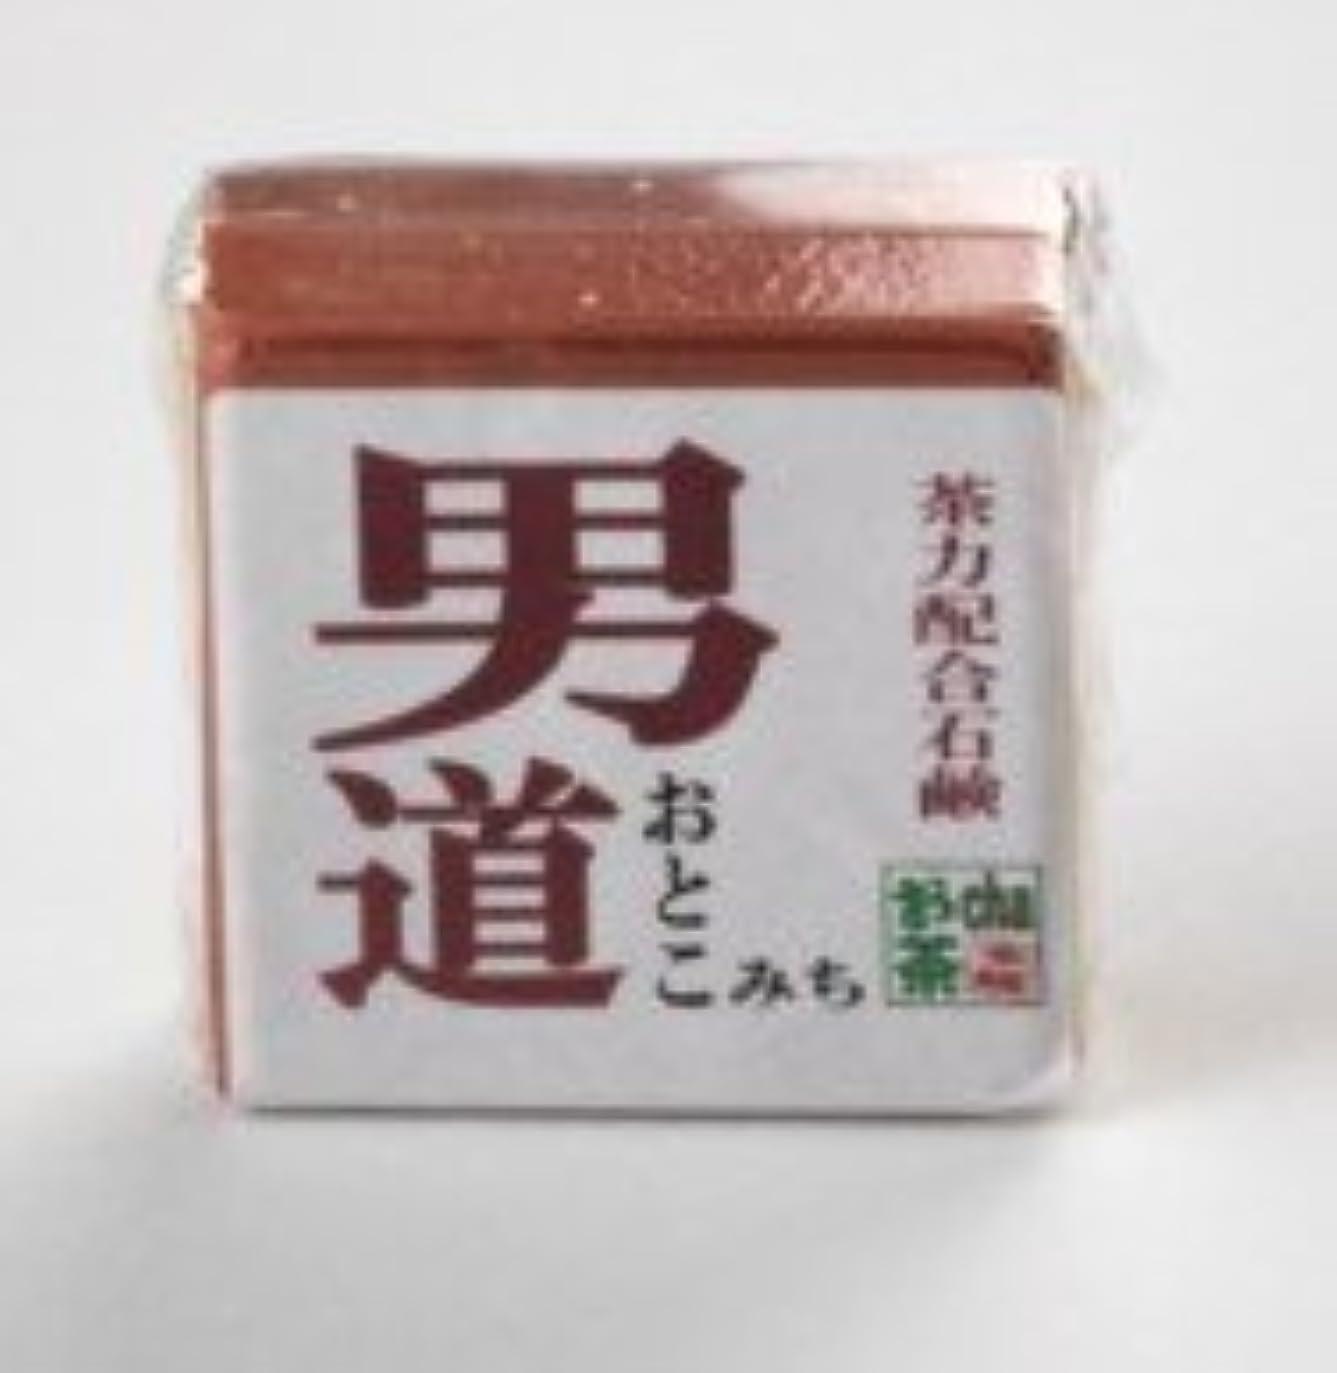 ながらドール弱める男性用無添加石鹸 『 男 道 』(おとこみち) 115g固形タイプ 抗菌力99.9%の日本初の無添加石鹸